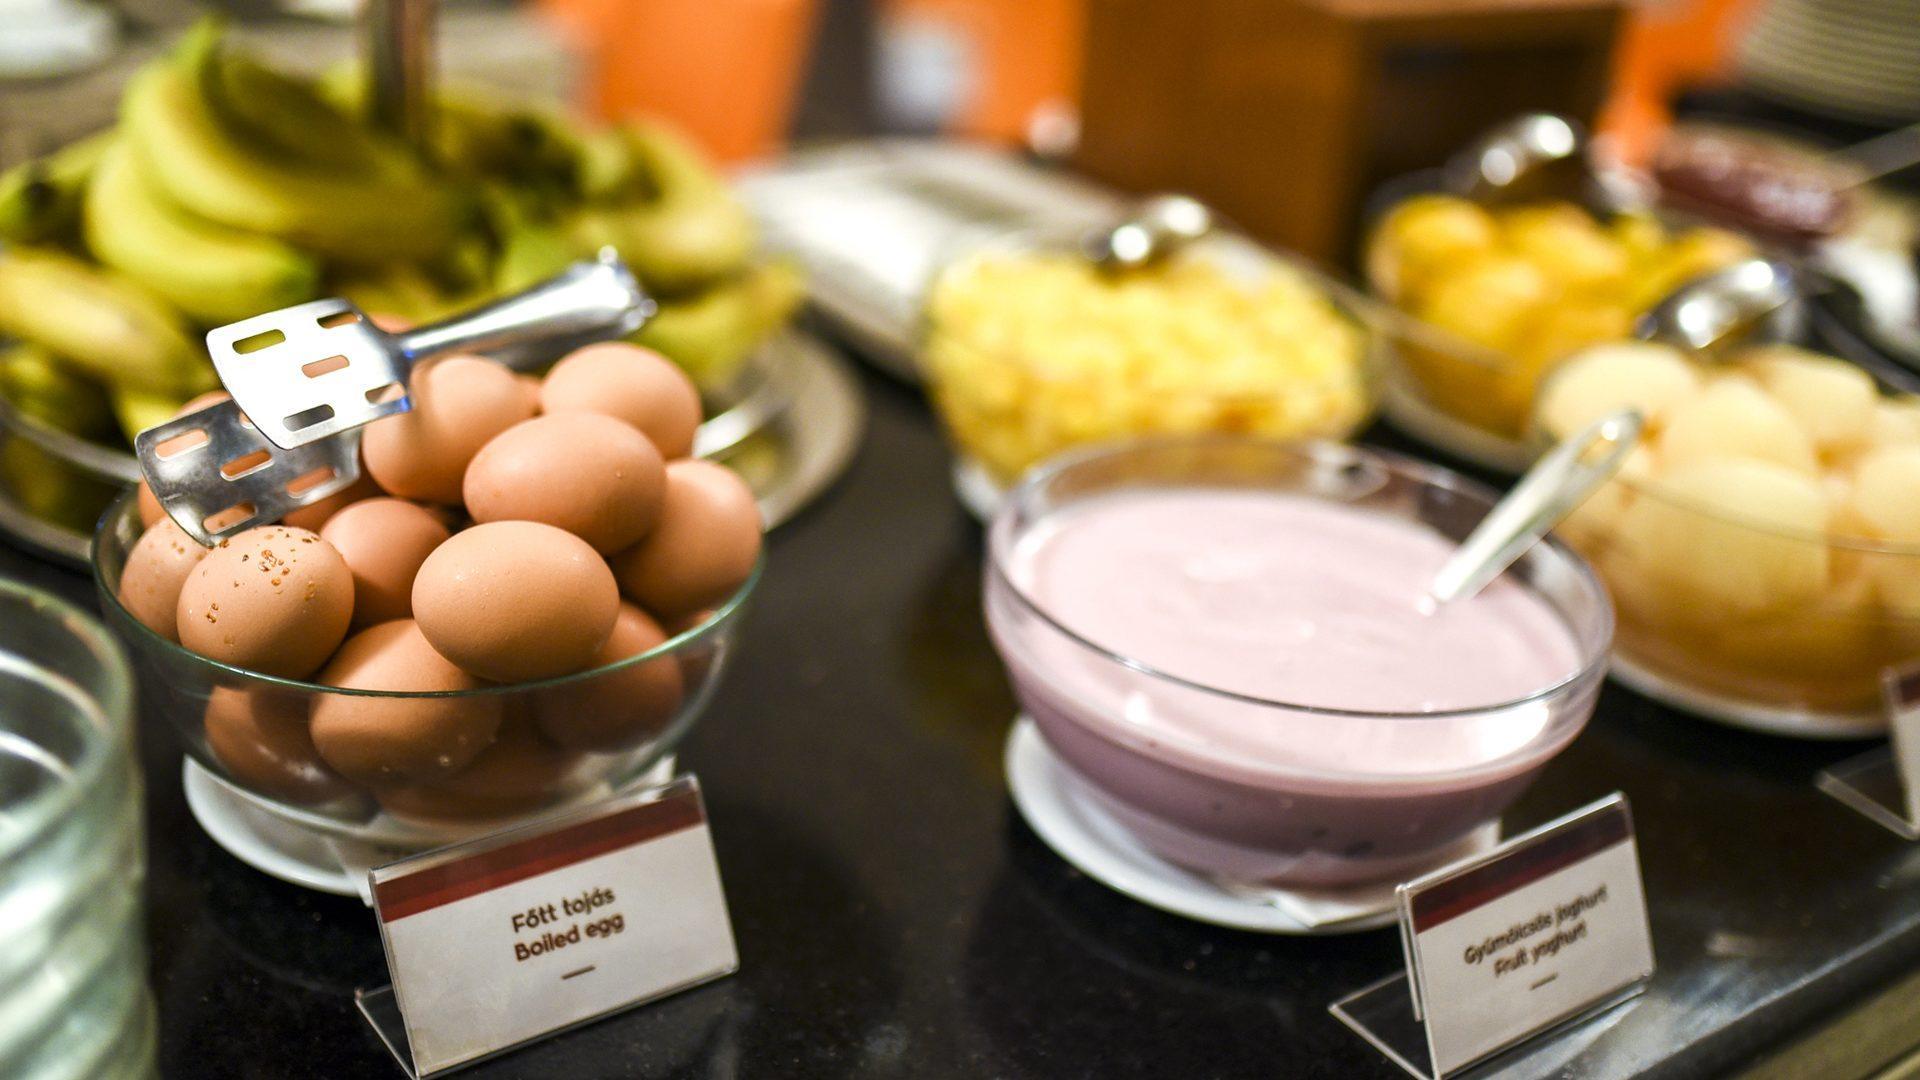 vacsora főtt tojás fogynism